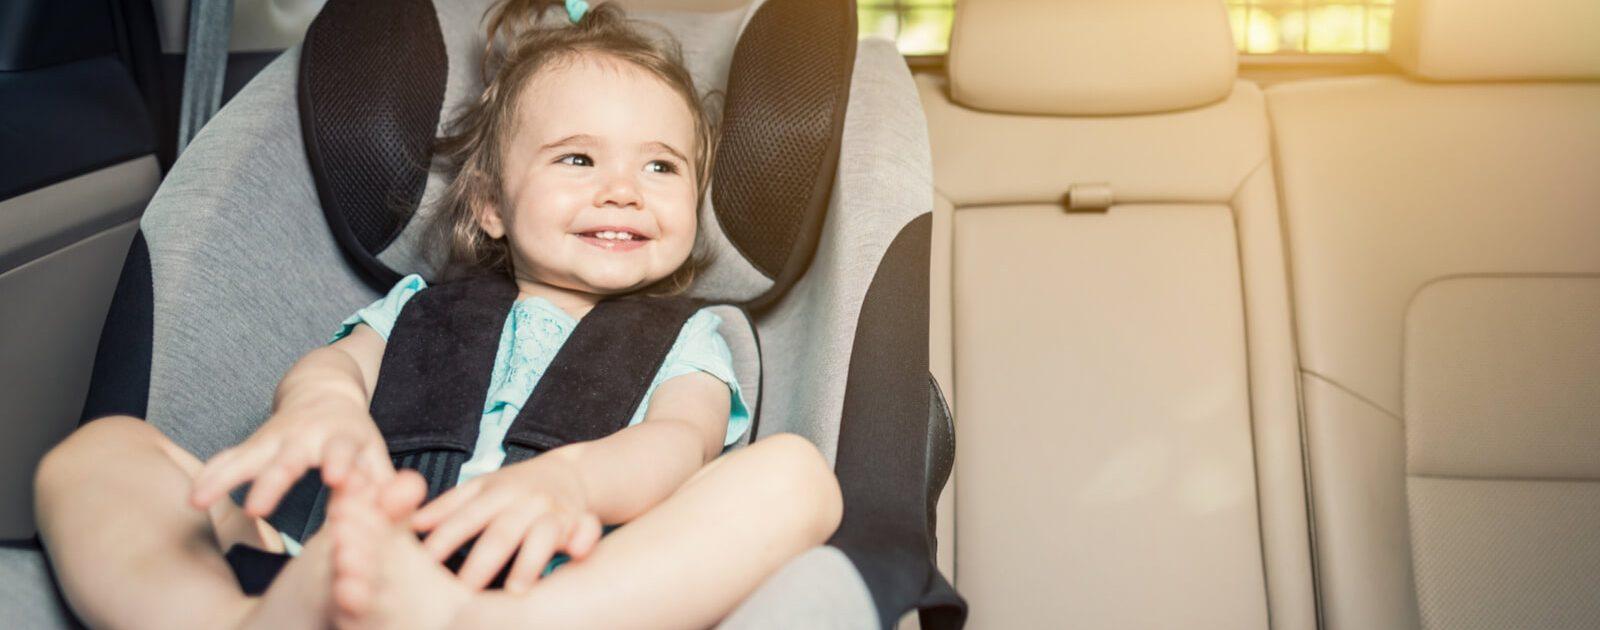 Autofahren mit Baby: Ein Baby in der Babyschale.